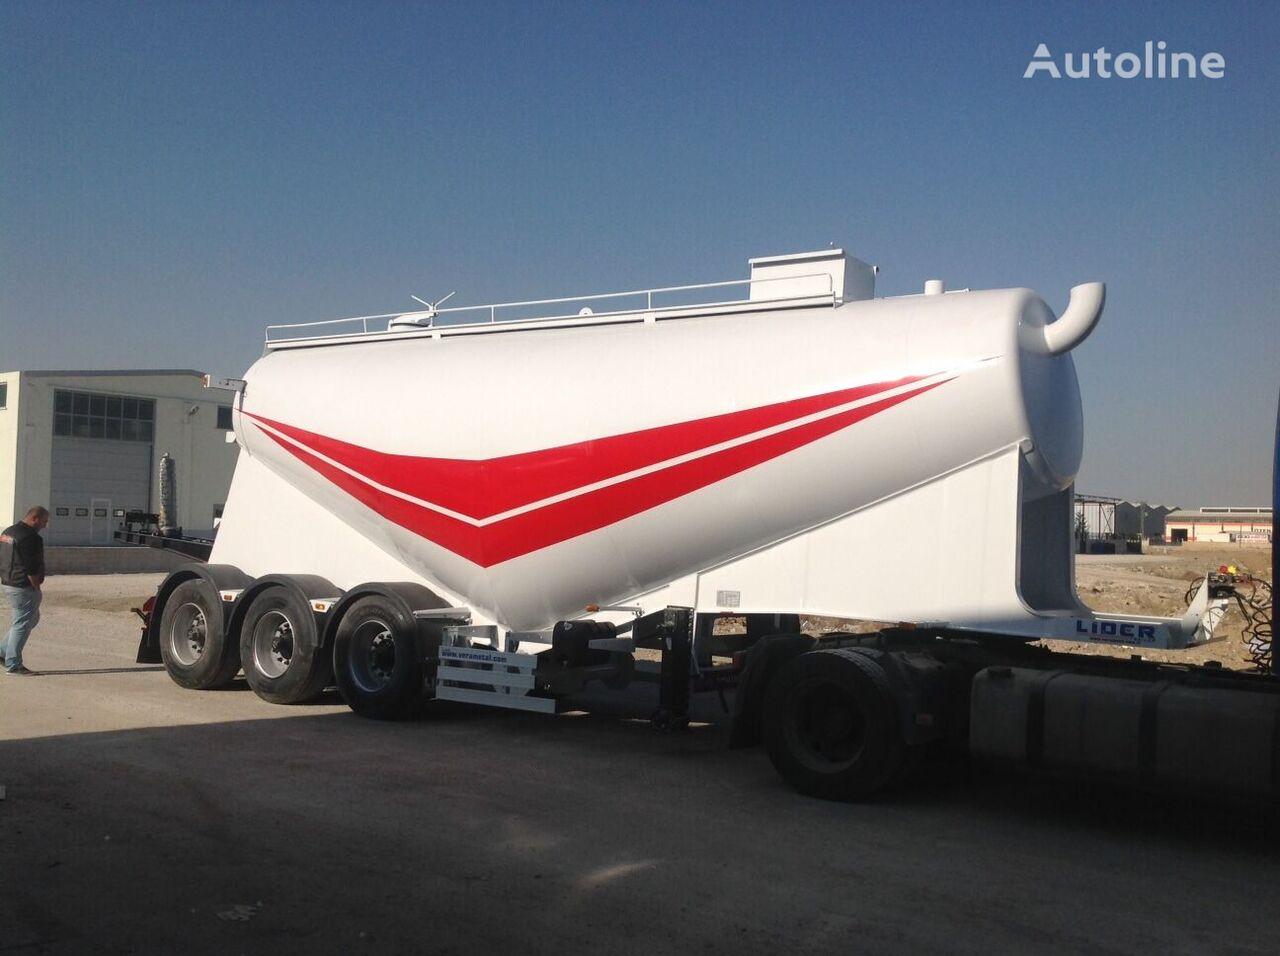 новый цементовоз LIDER 2020 year new Slurry Tanker Farmer  Agriculture Field Tanker